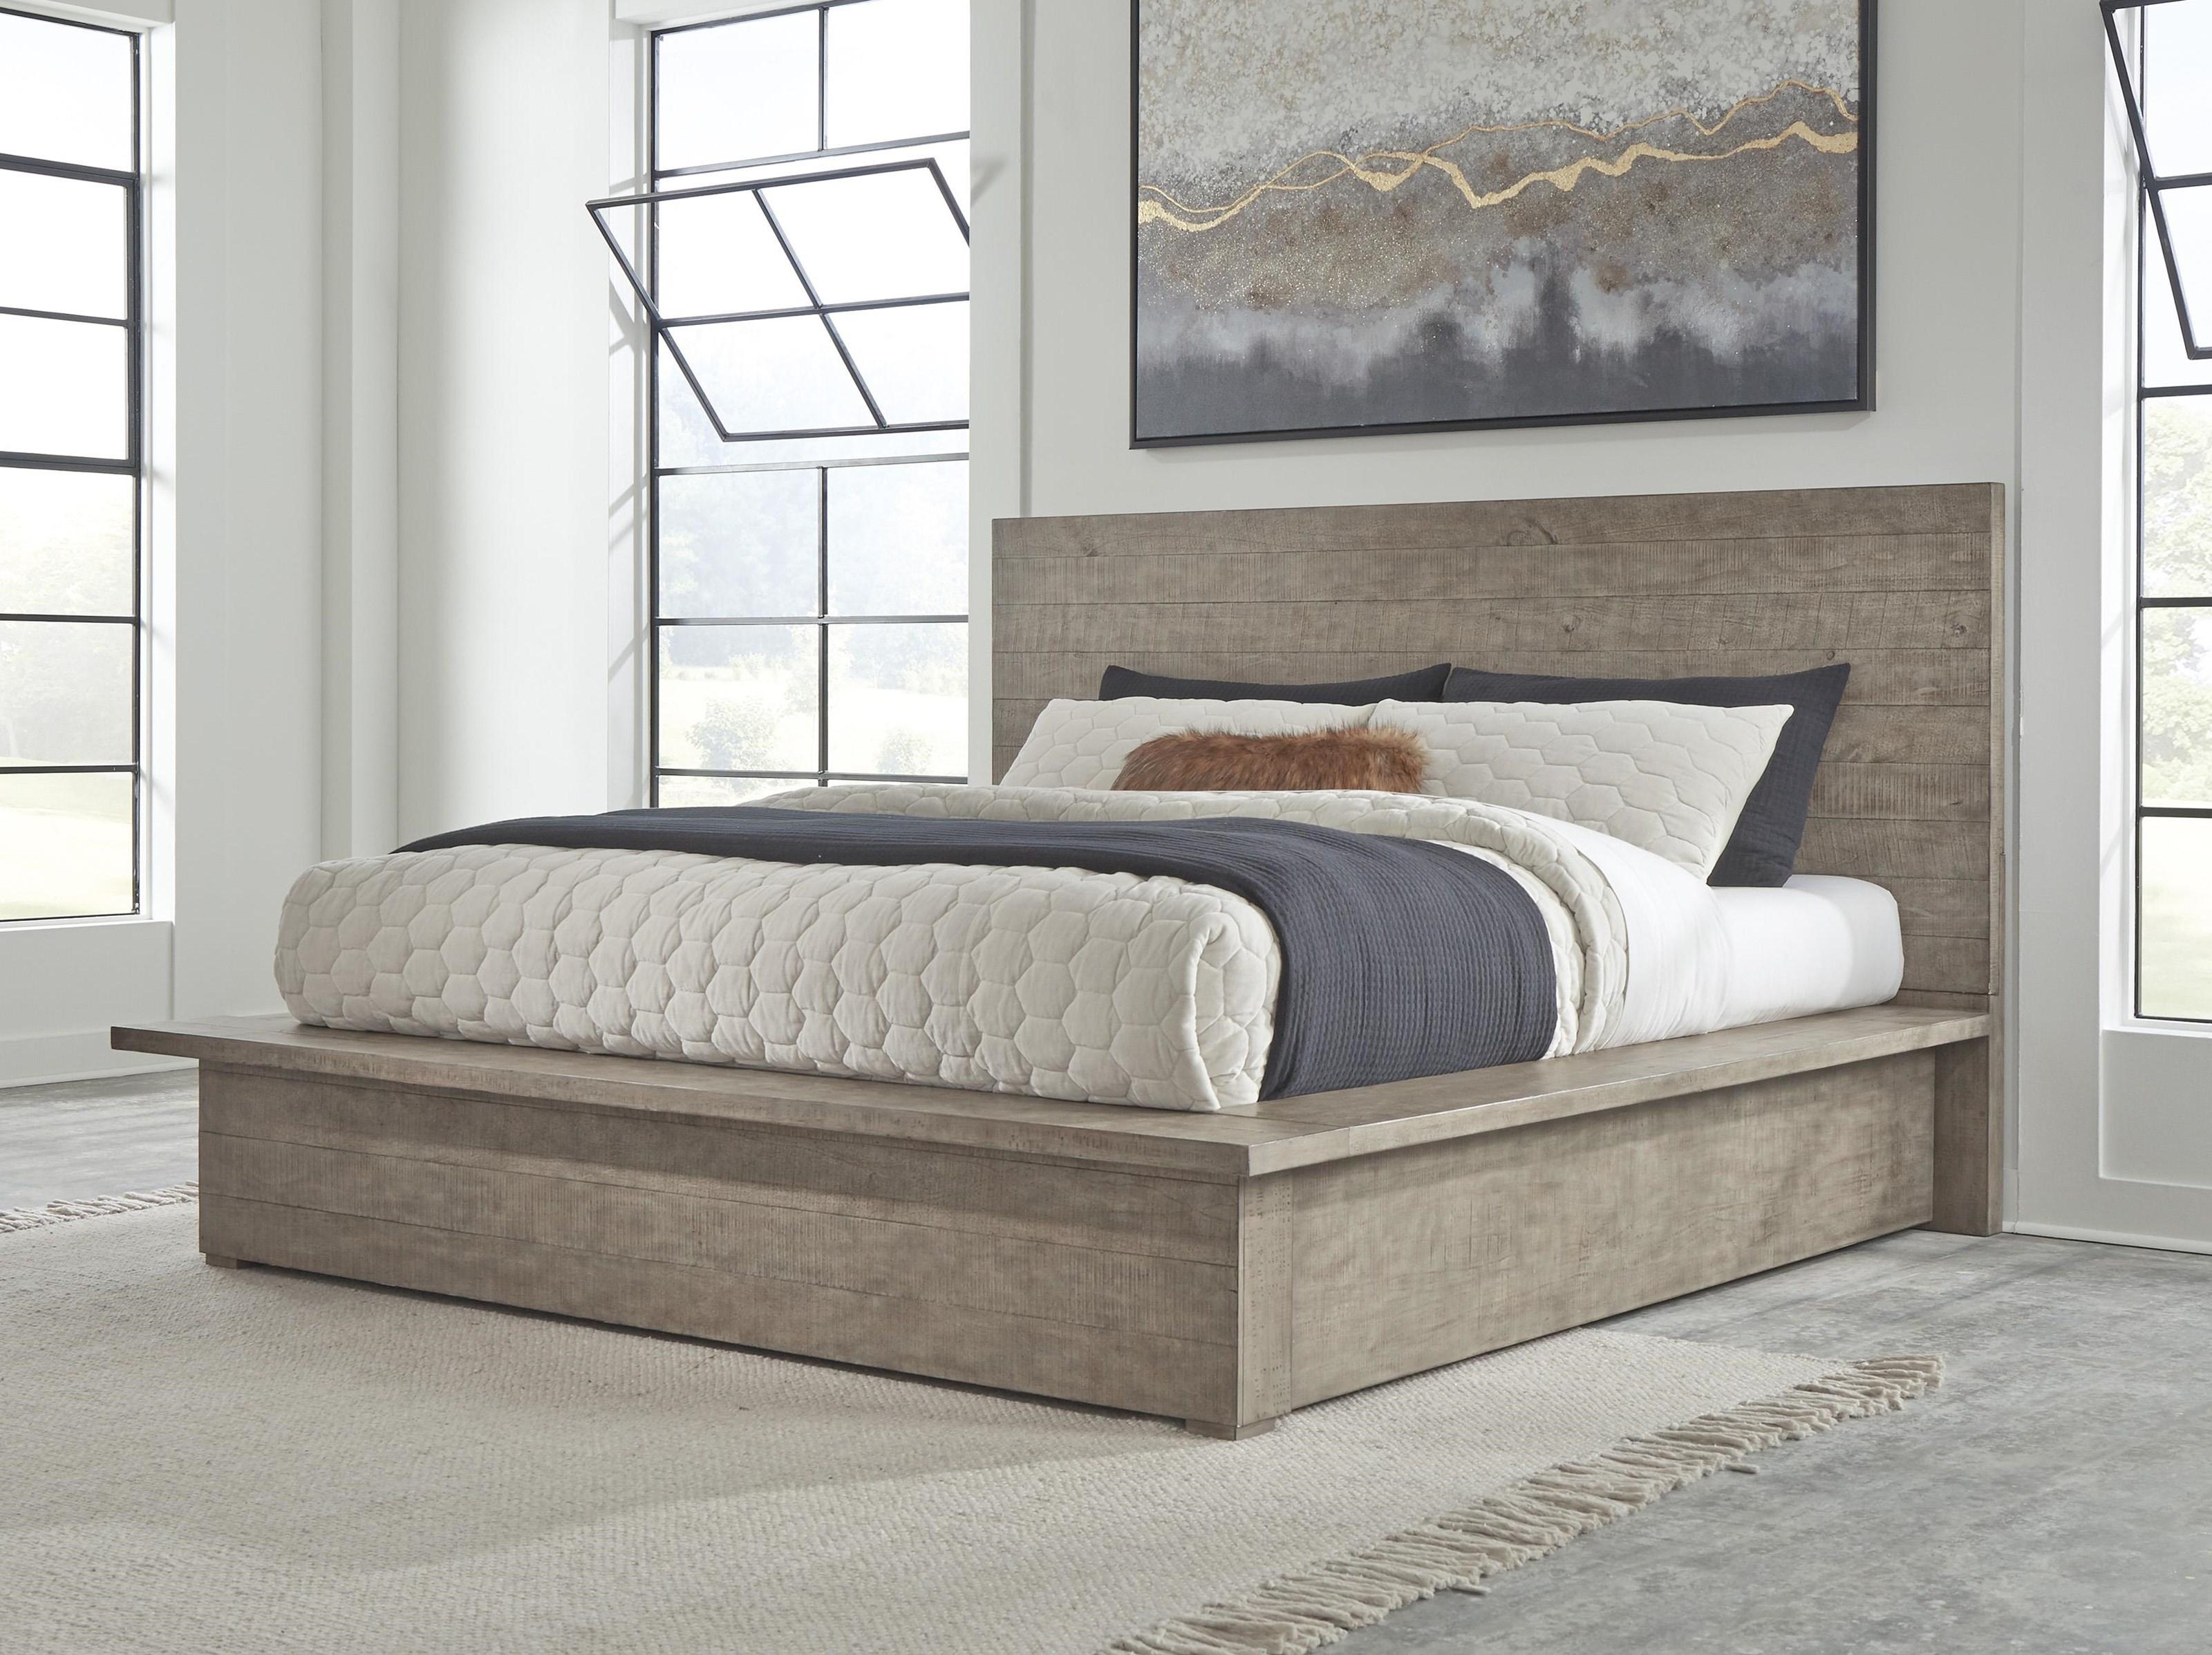 3 Piece Queen Panel Bed